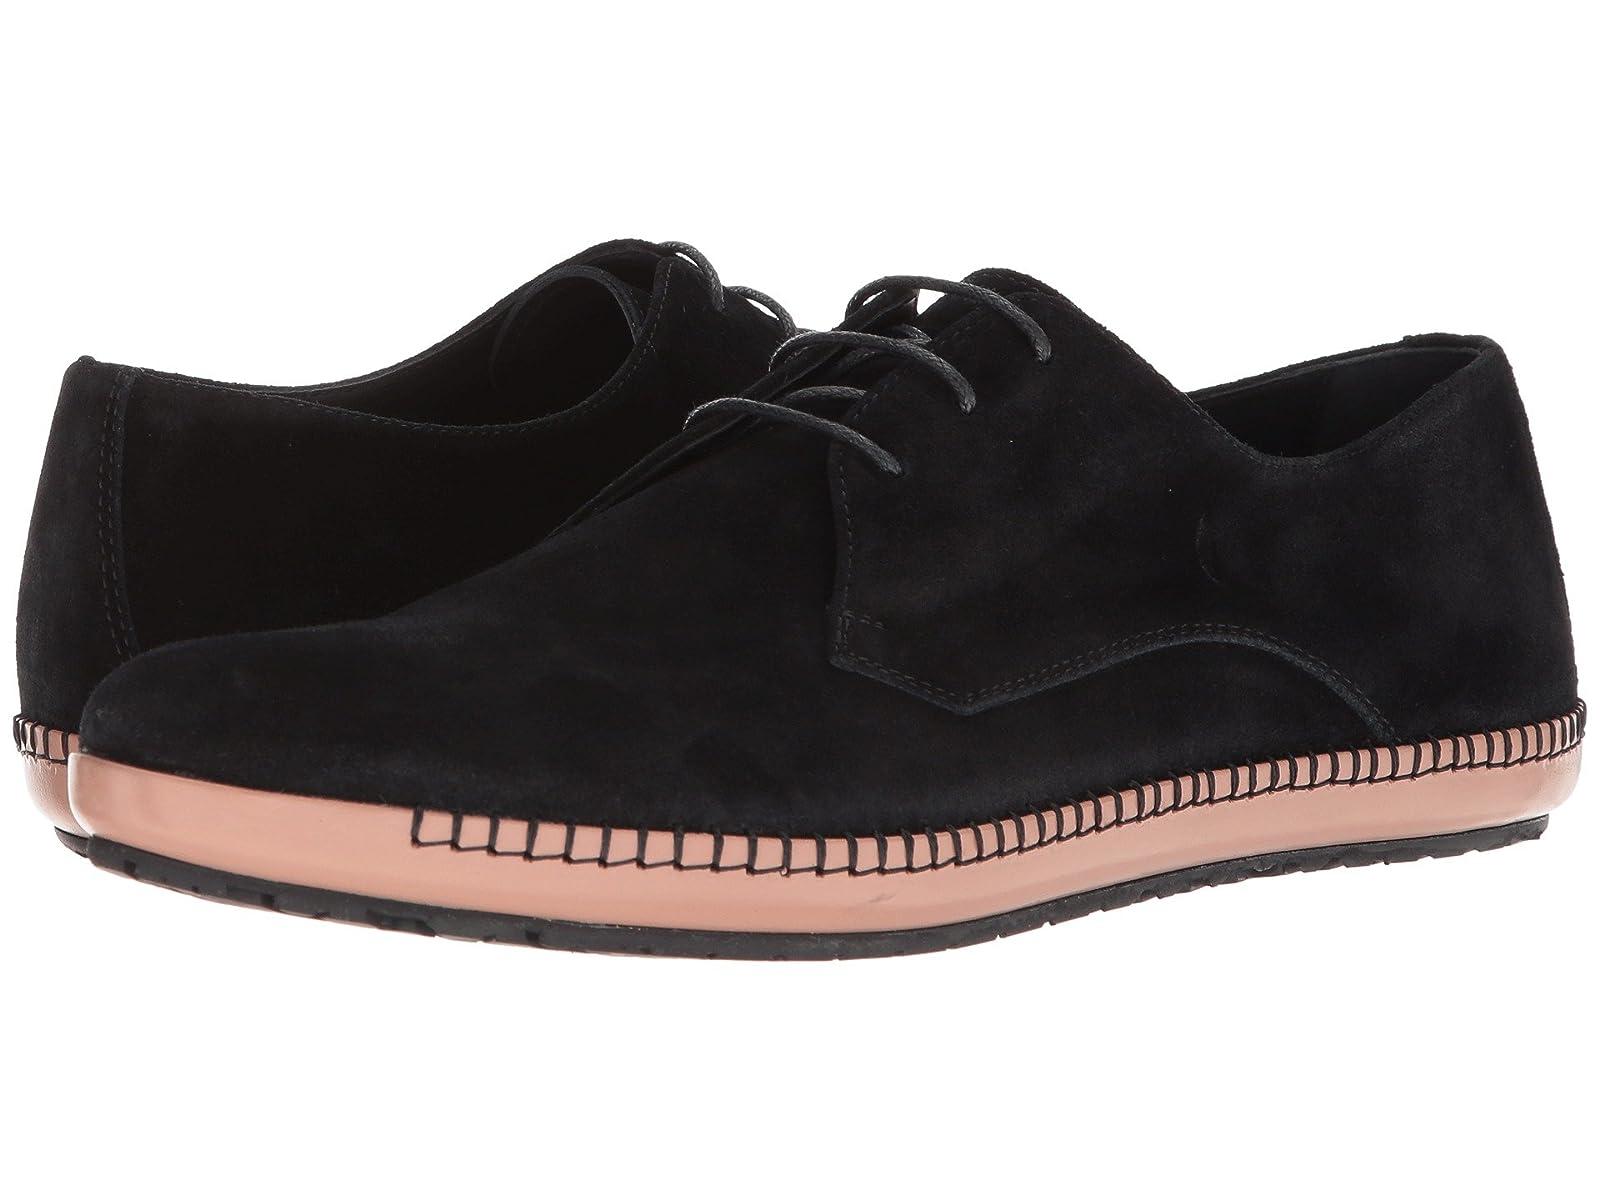 Bottega Veneta Suede OxfordAtmospheric grades have affordable shoes